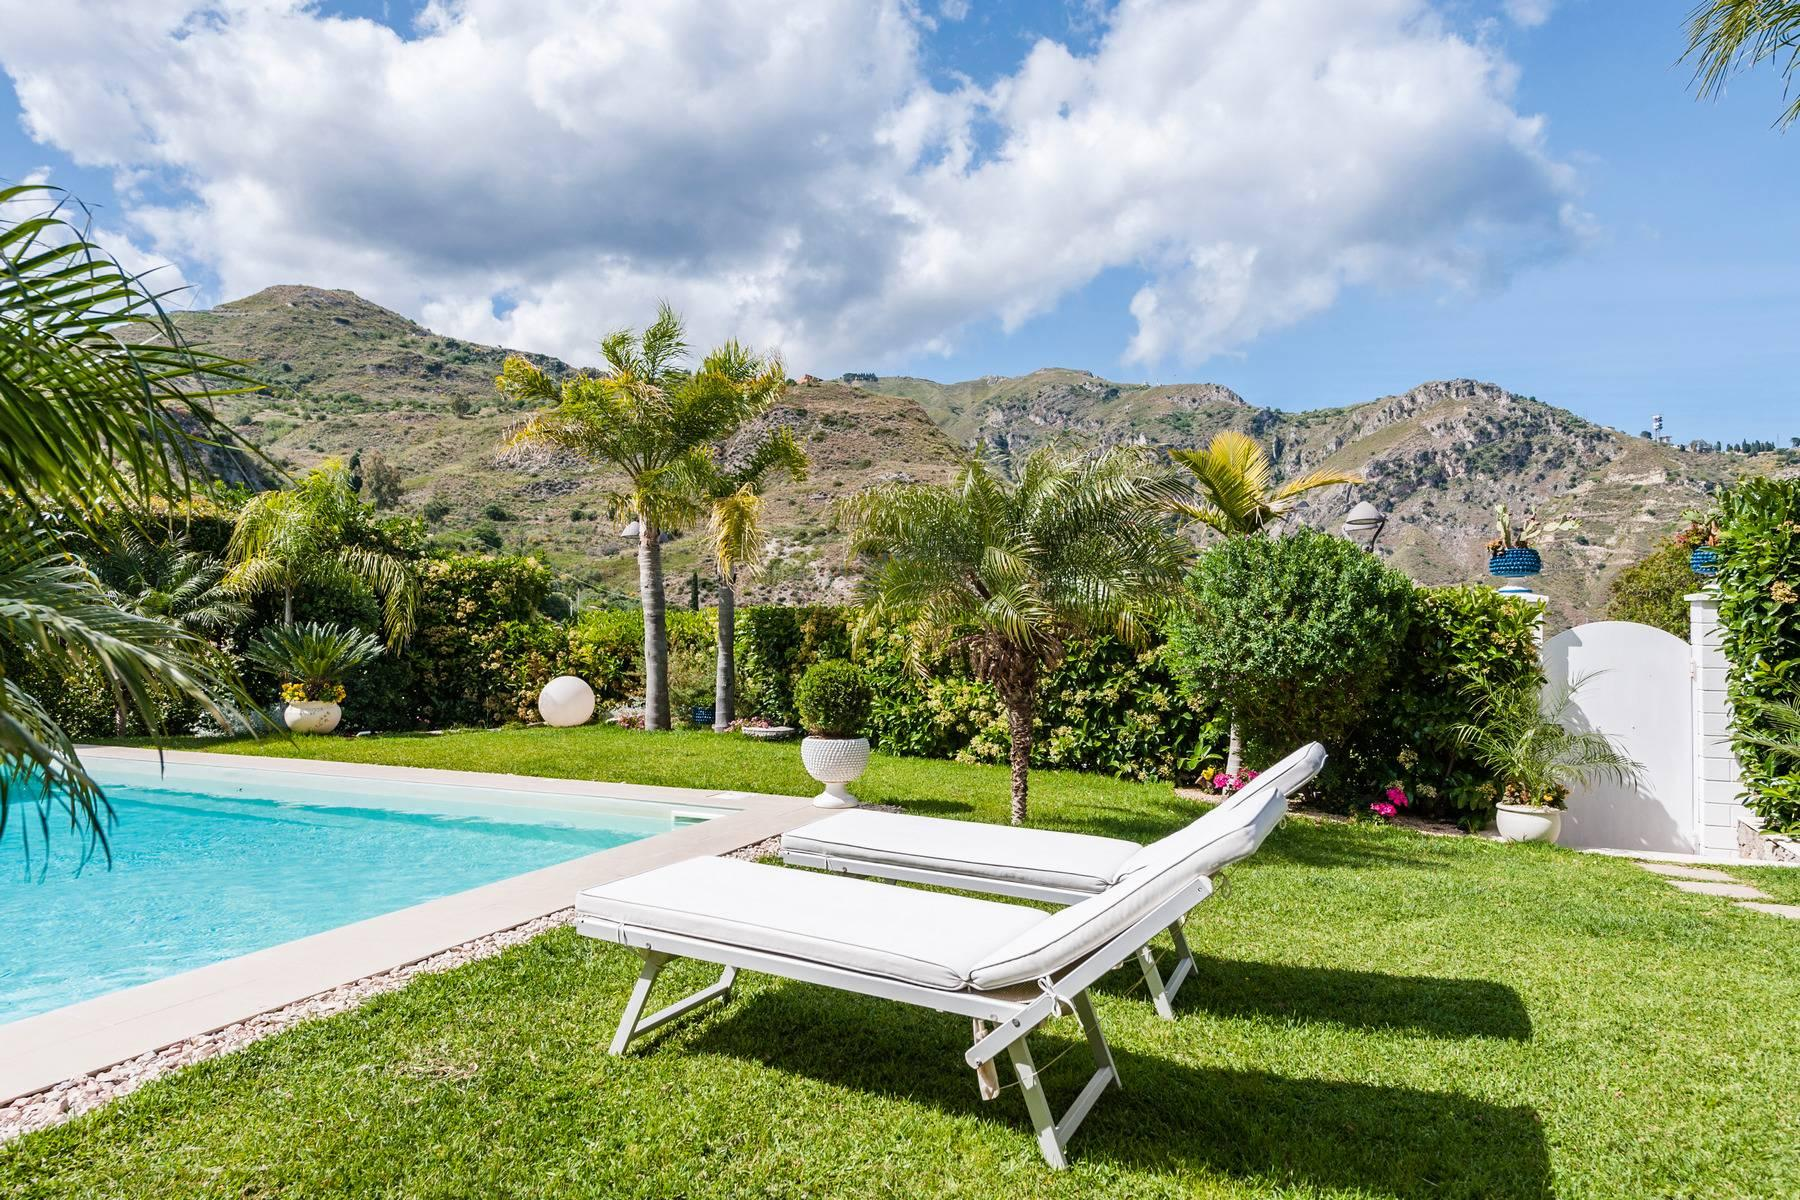 Modern villa with swimming pool in Taormina - 2